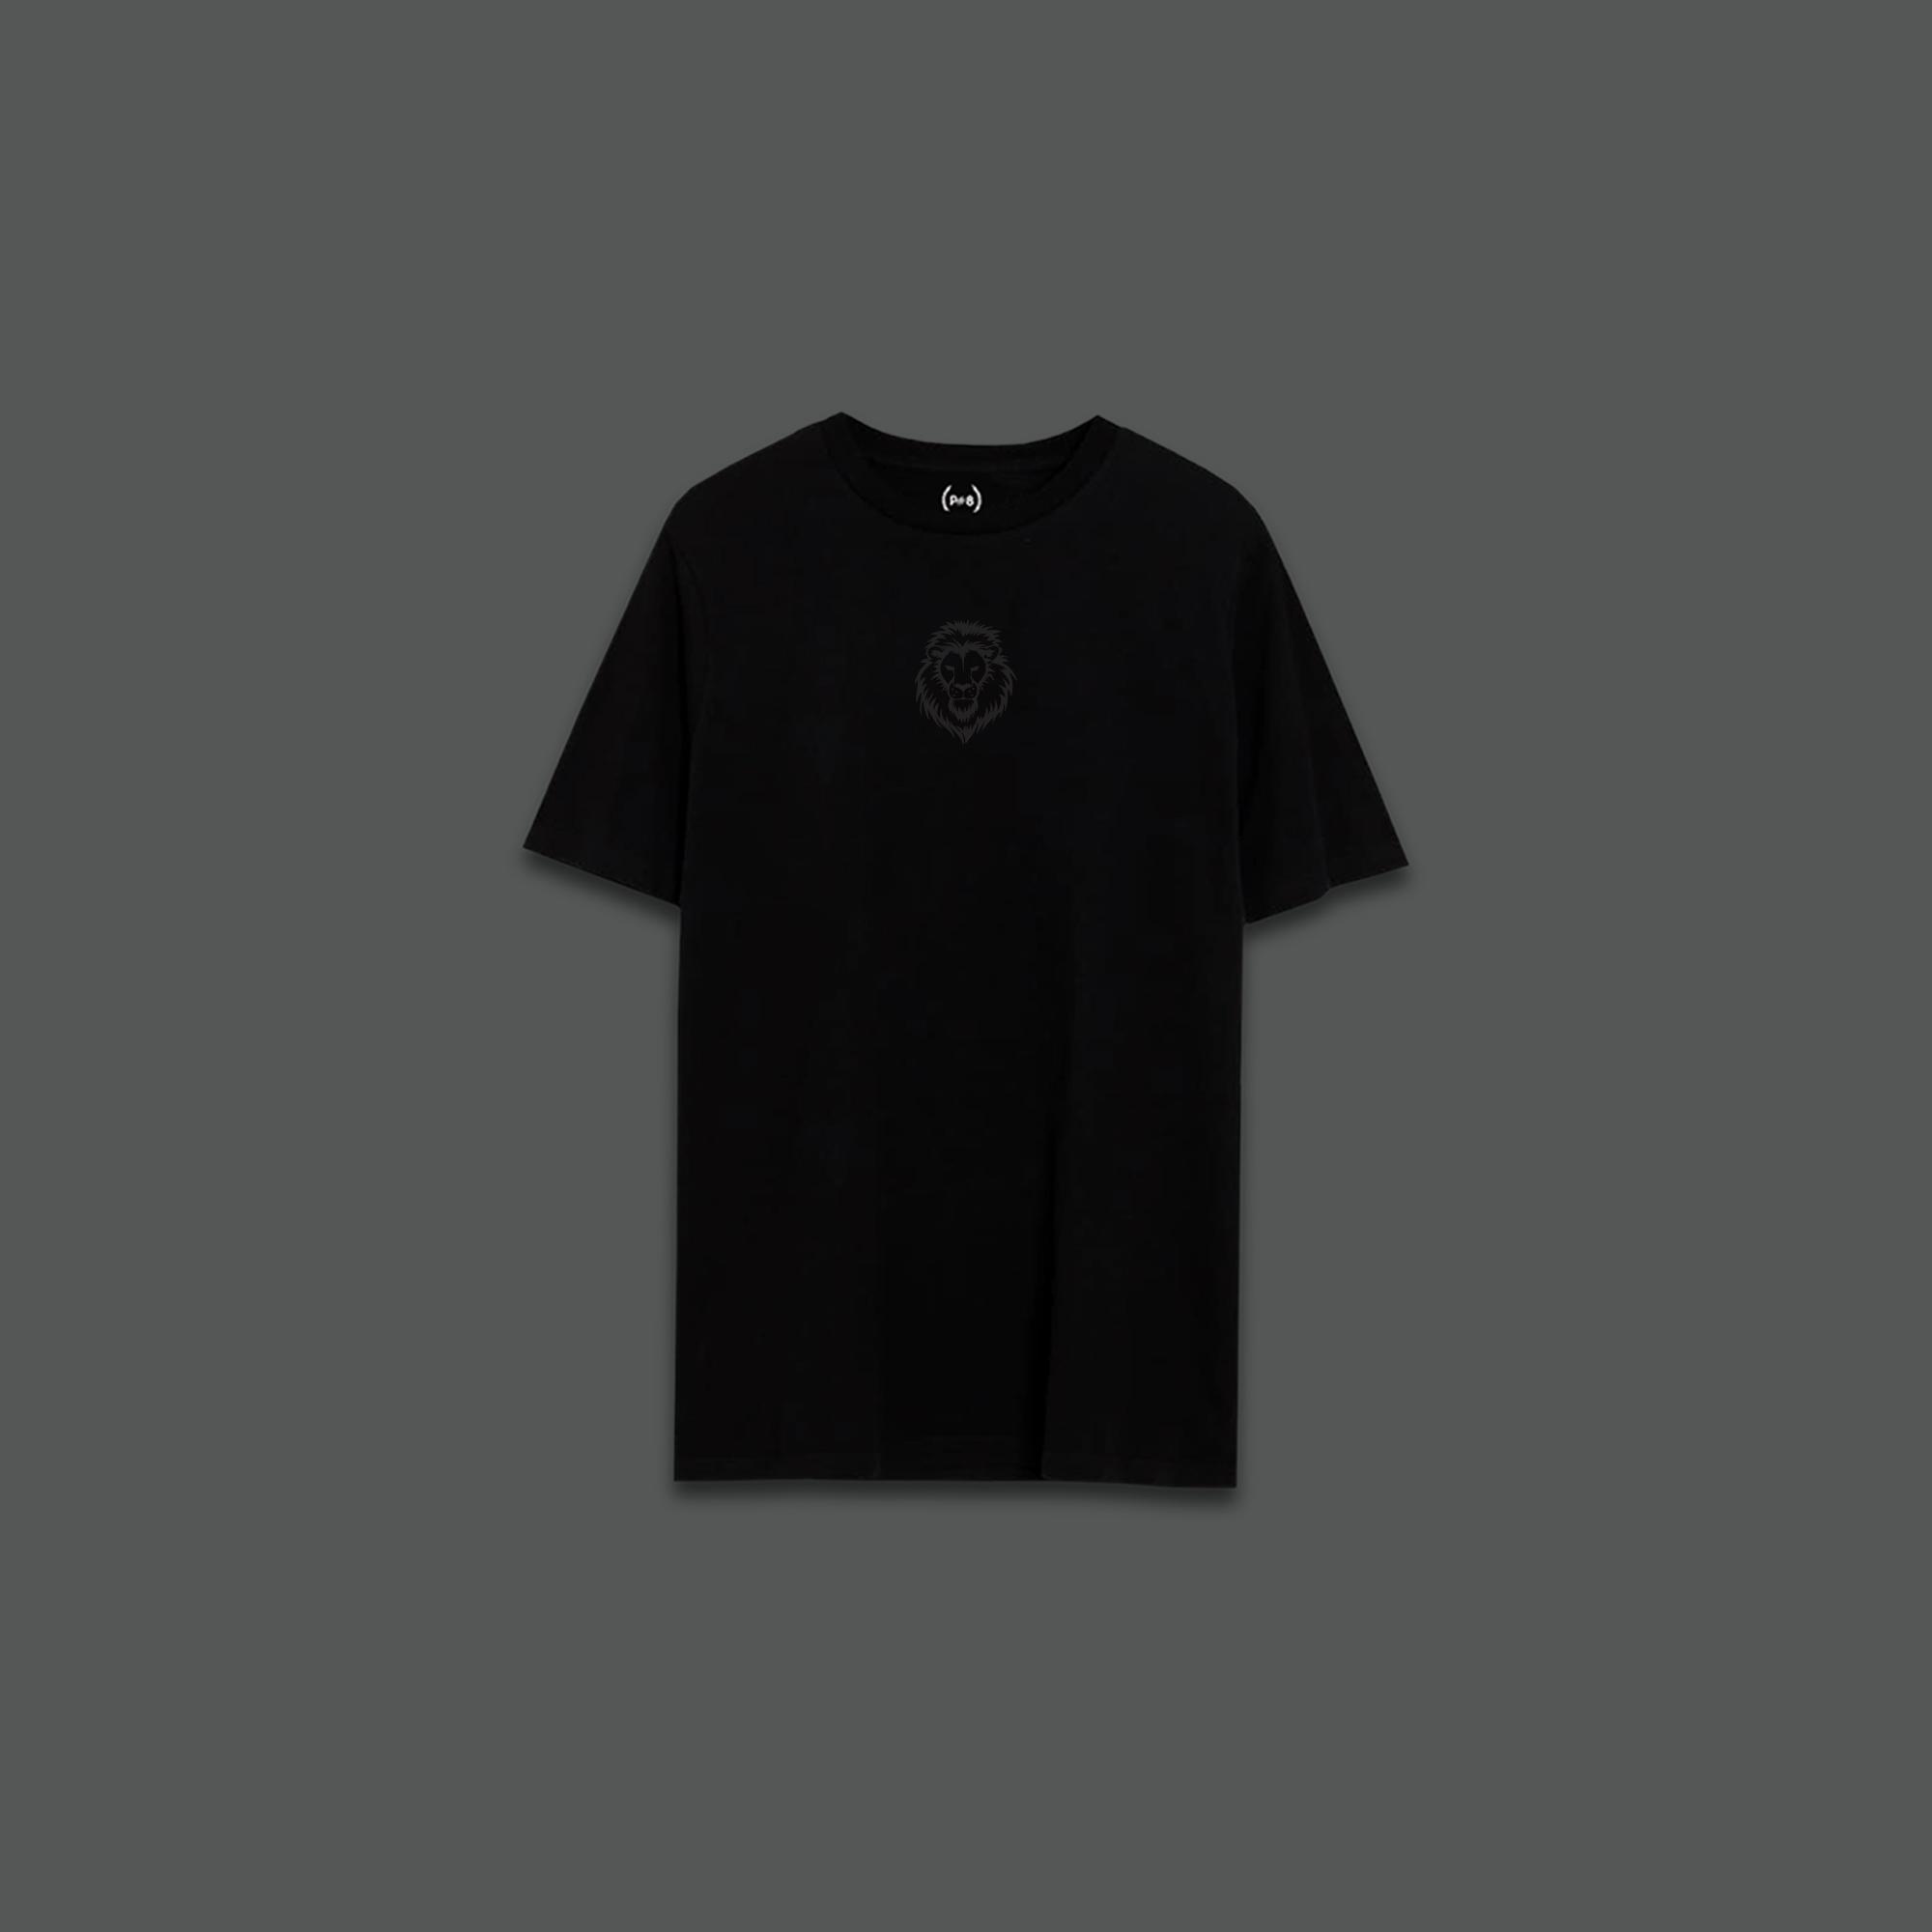 LION T-SHIRT - Black